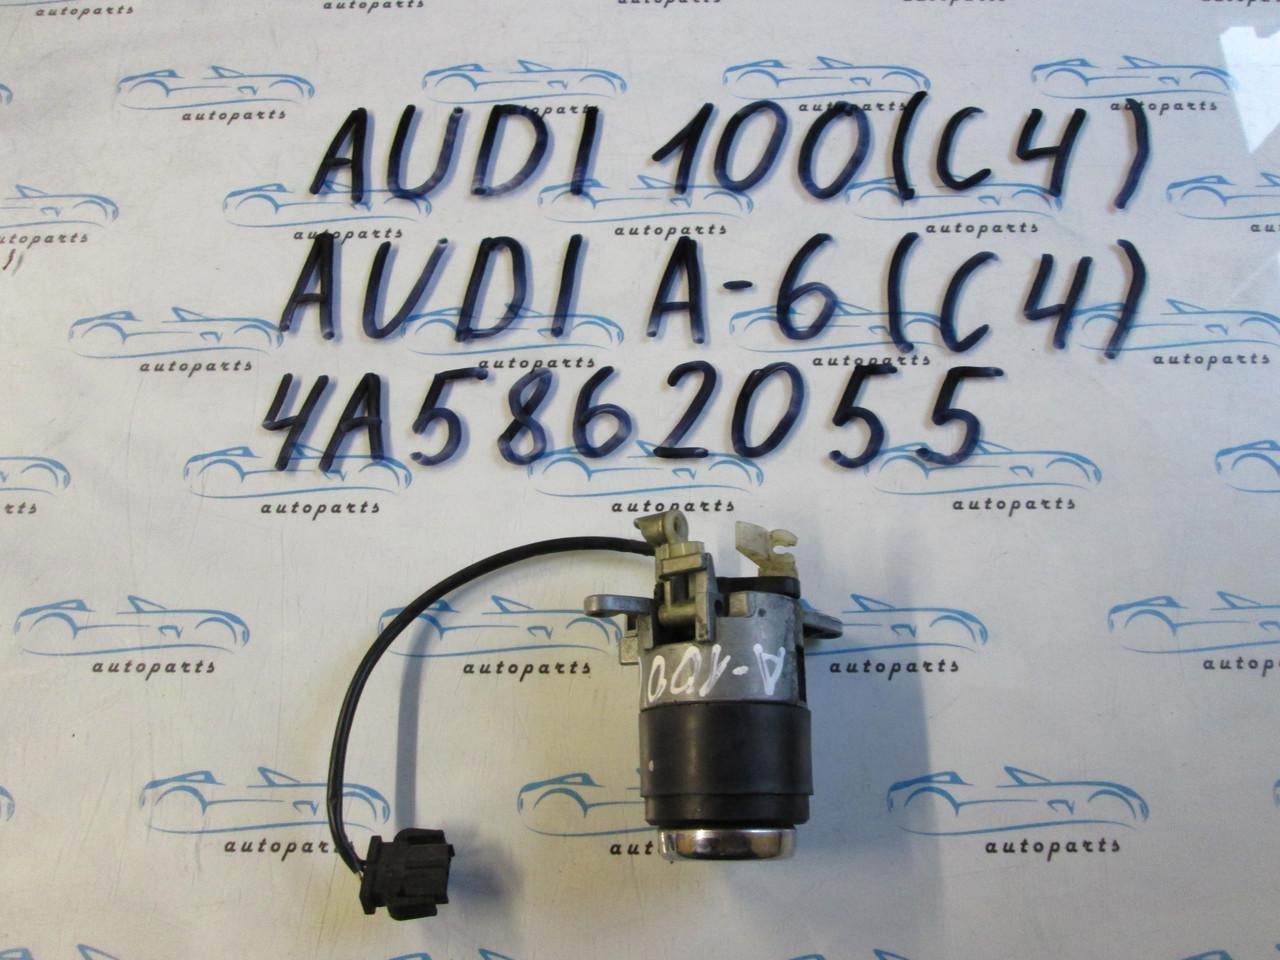 Замок задньої кришки личинка Audi 100 C4, Ауді 100 4A5862055